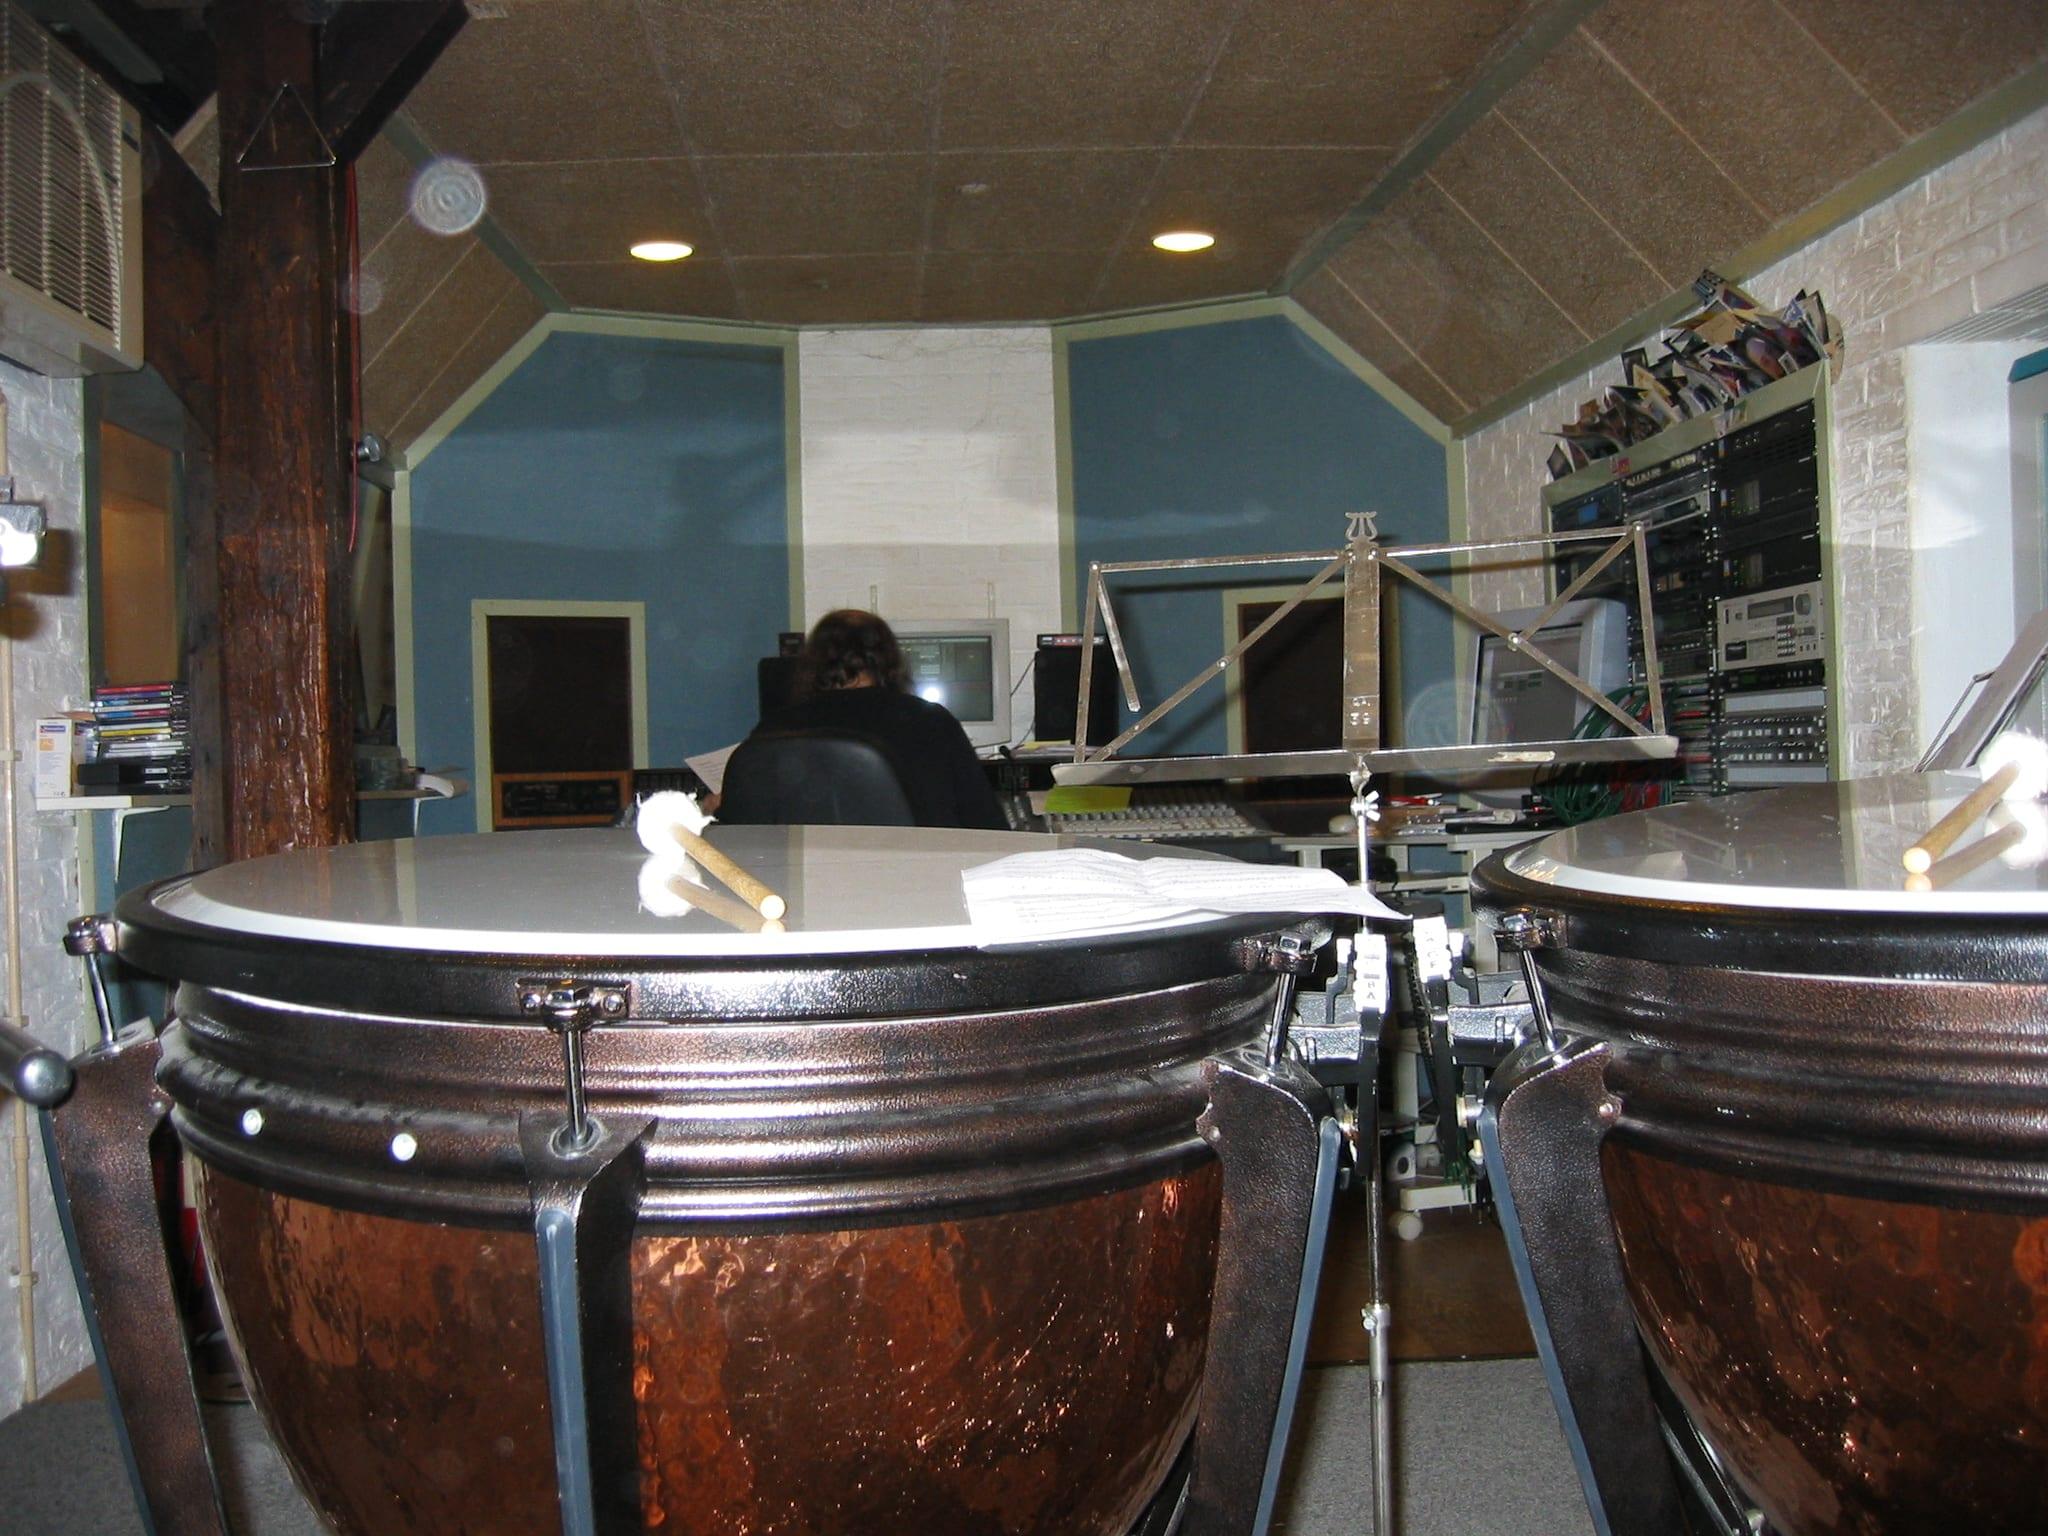 Een dweilorkest met pauken en cello in een opnamestudio?